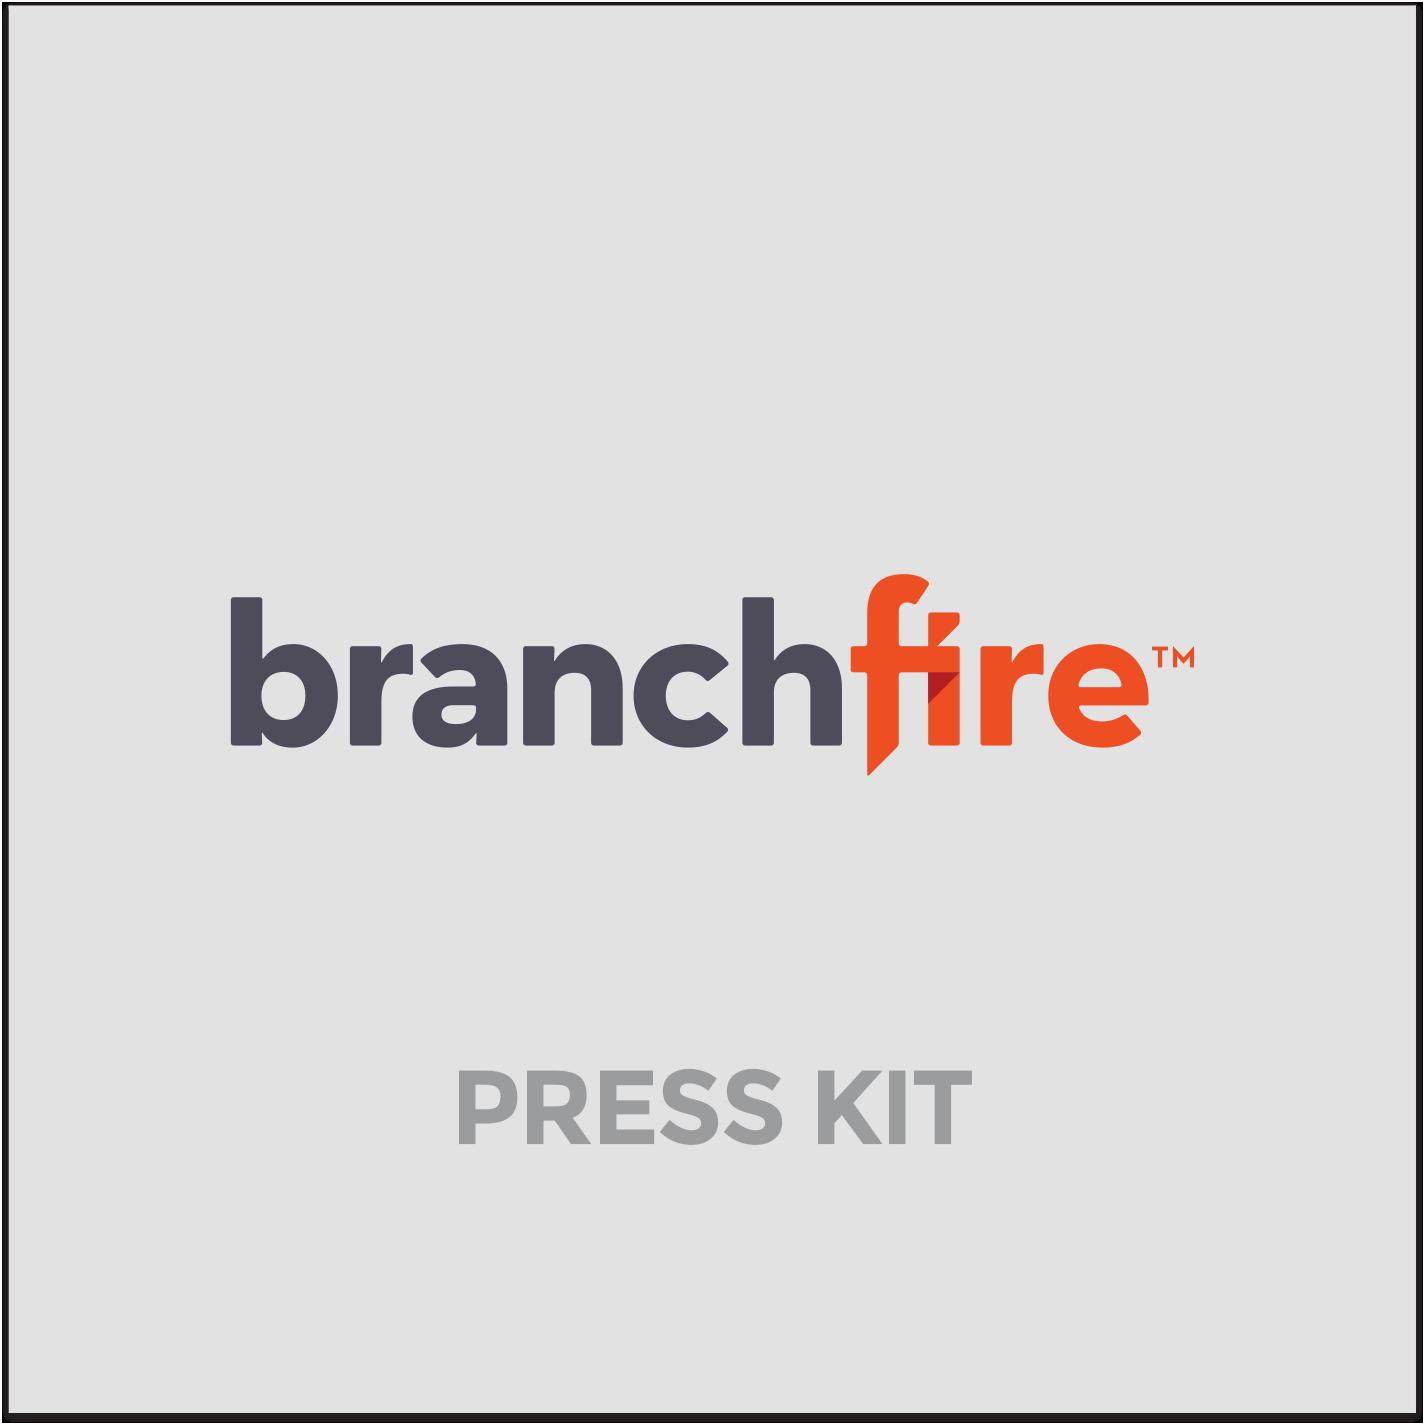 branchfire-press-kit.png